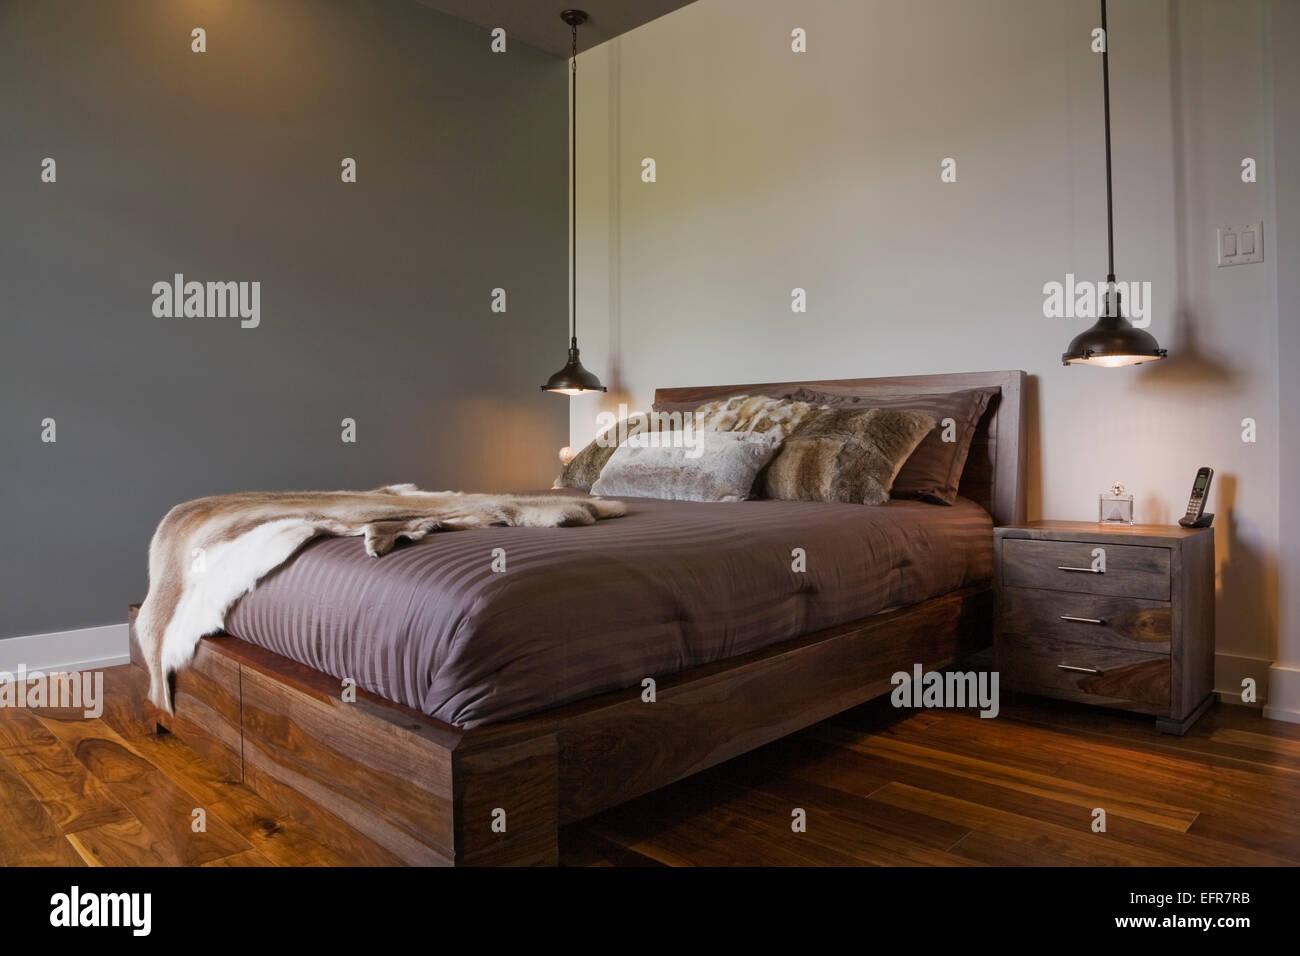 Modernes Interior Design Luxus Schlafzimmer Mit Queen Size Bett Und Holzboden Stockfotografie Alamy